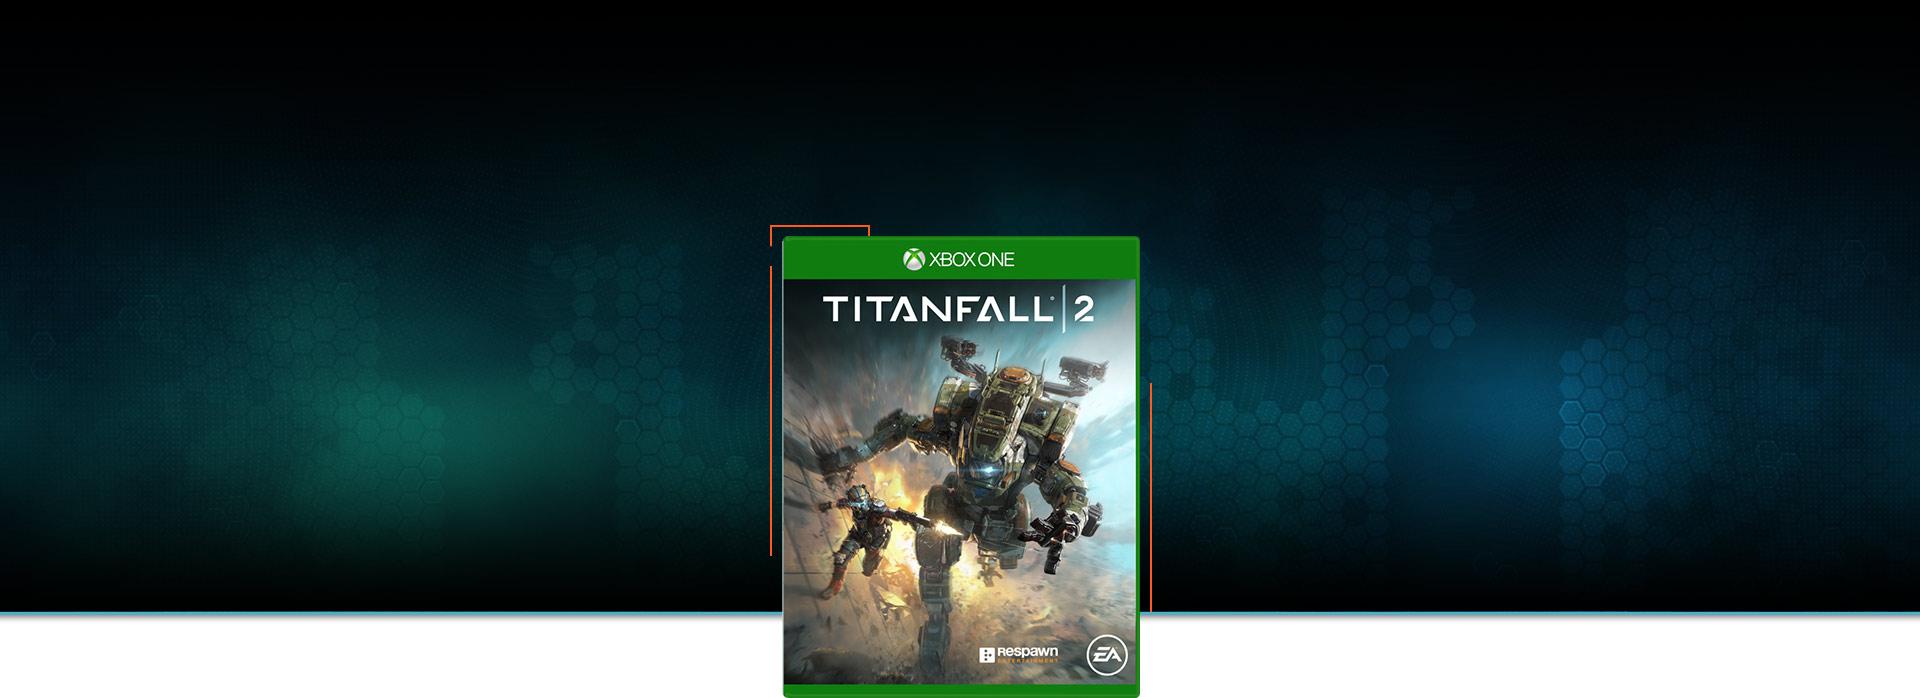 Imagem da caixa de Titanfall 2